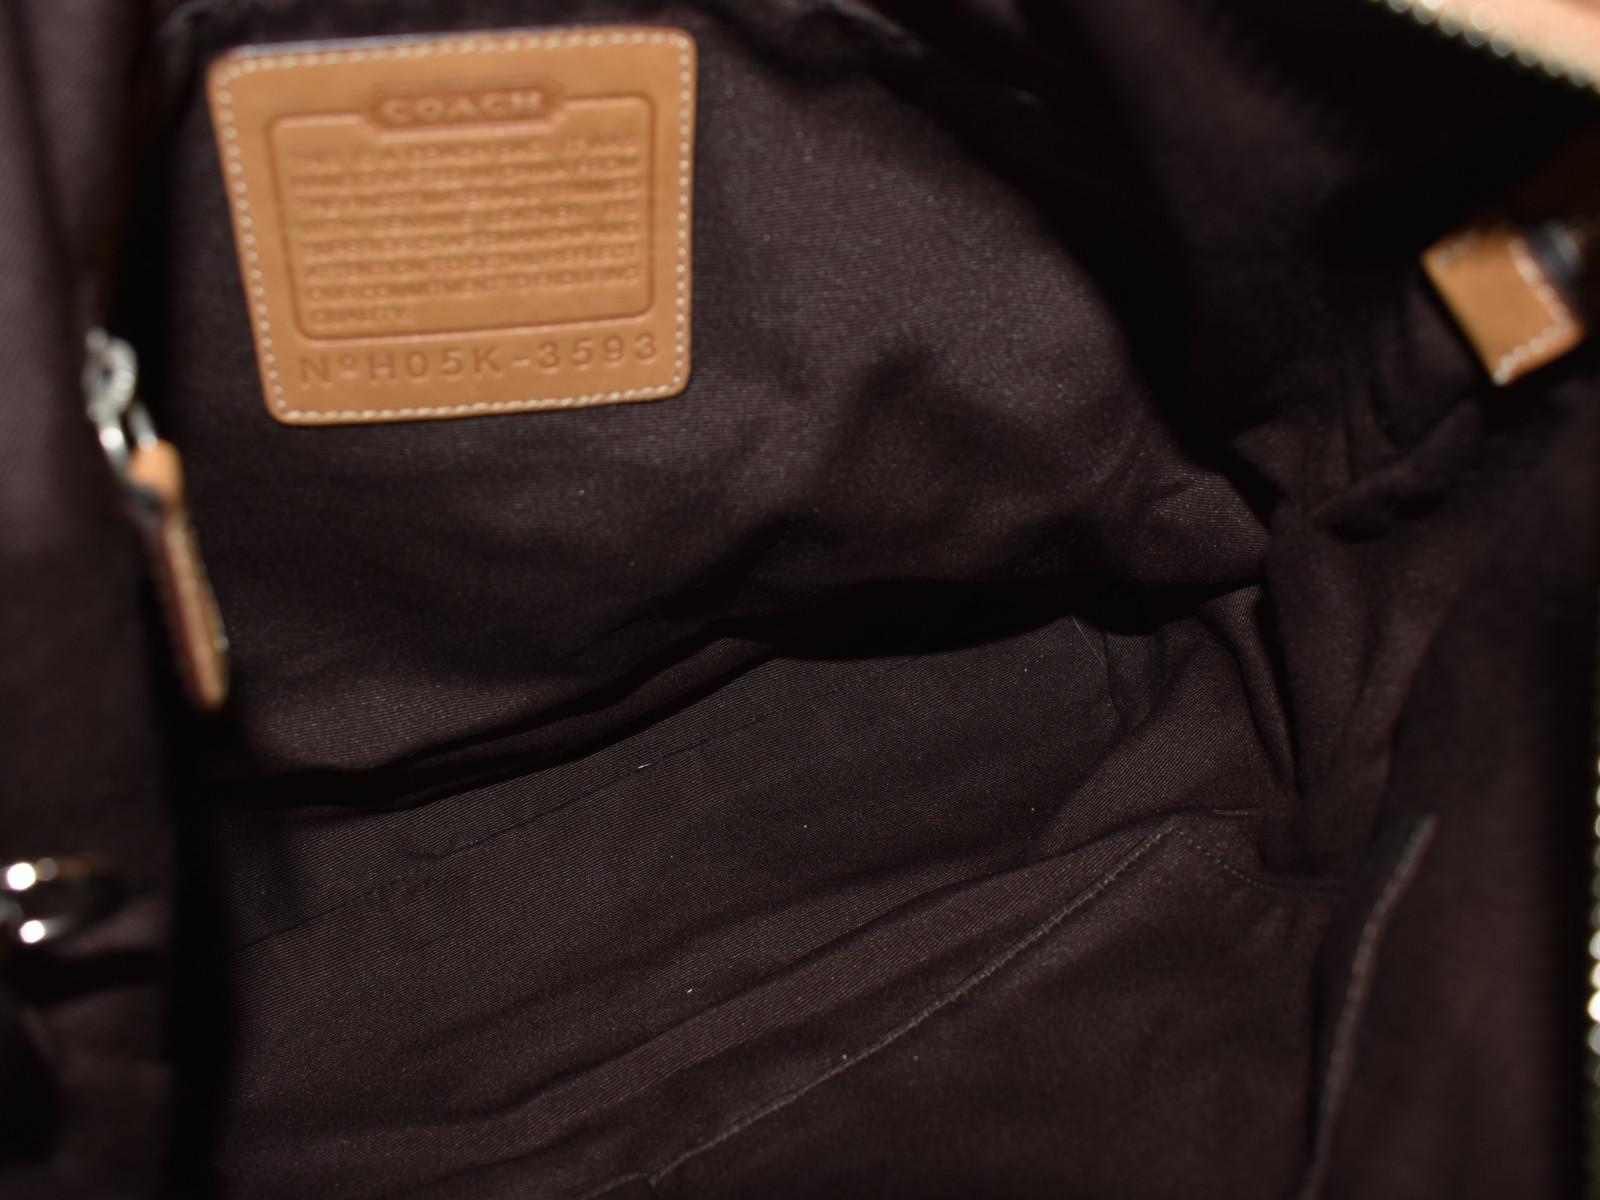 品COACH シグネチャーショルダーバッグ 3593 ベージュ系 キャンバス×レザー レディース ショルダーバッグ おしゃれ 人気 プレゼント包装可l1cT3KFJ